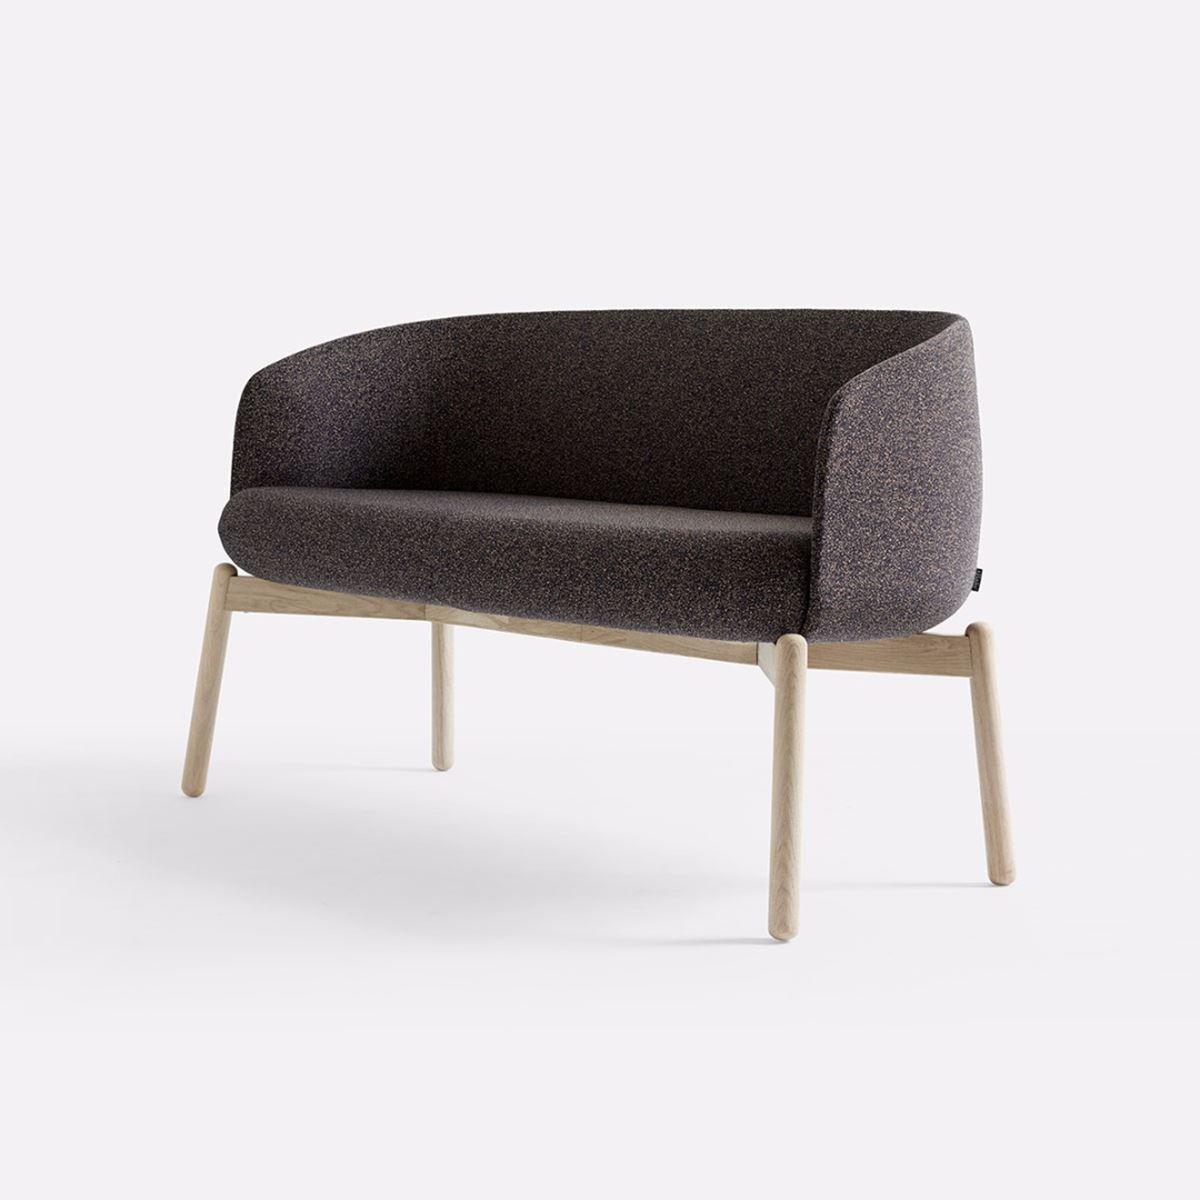 halle sofa design kollektion plus halle bruno. Black Bedroom Furniture Sets. Home Design Ideas